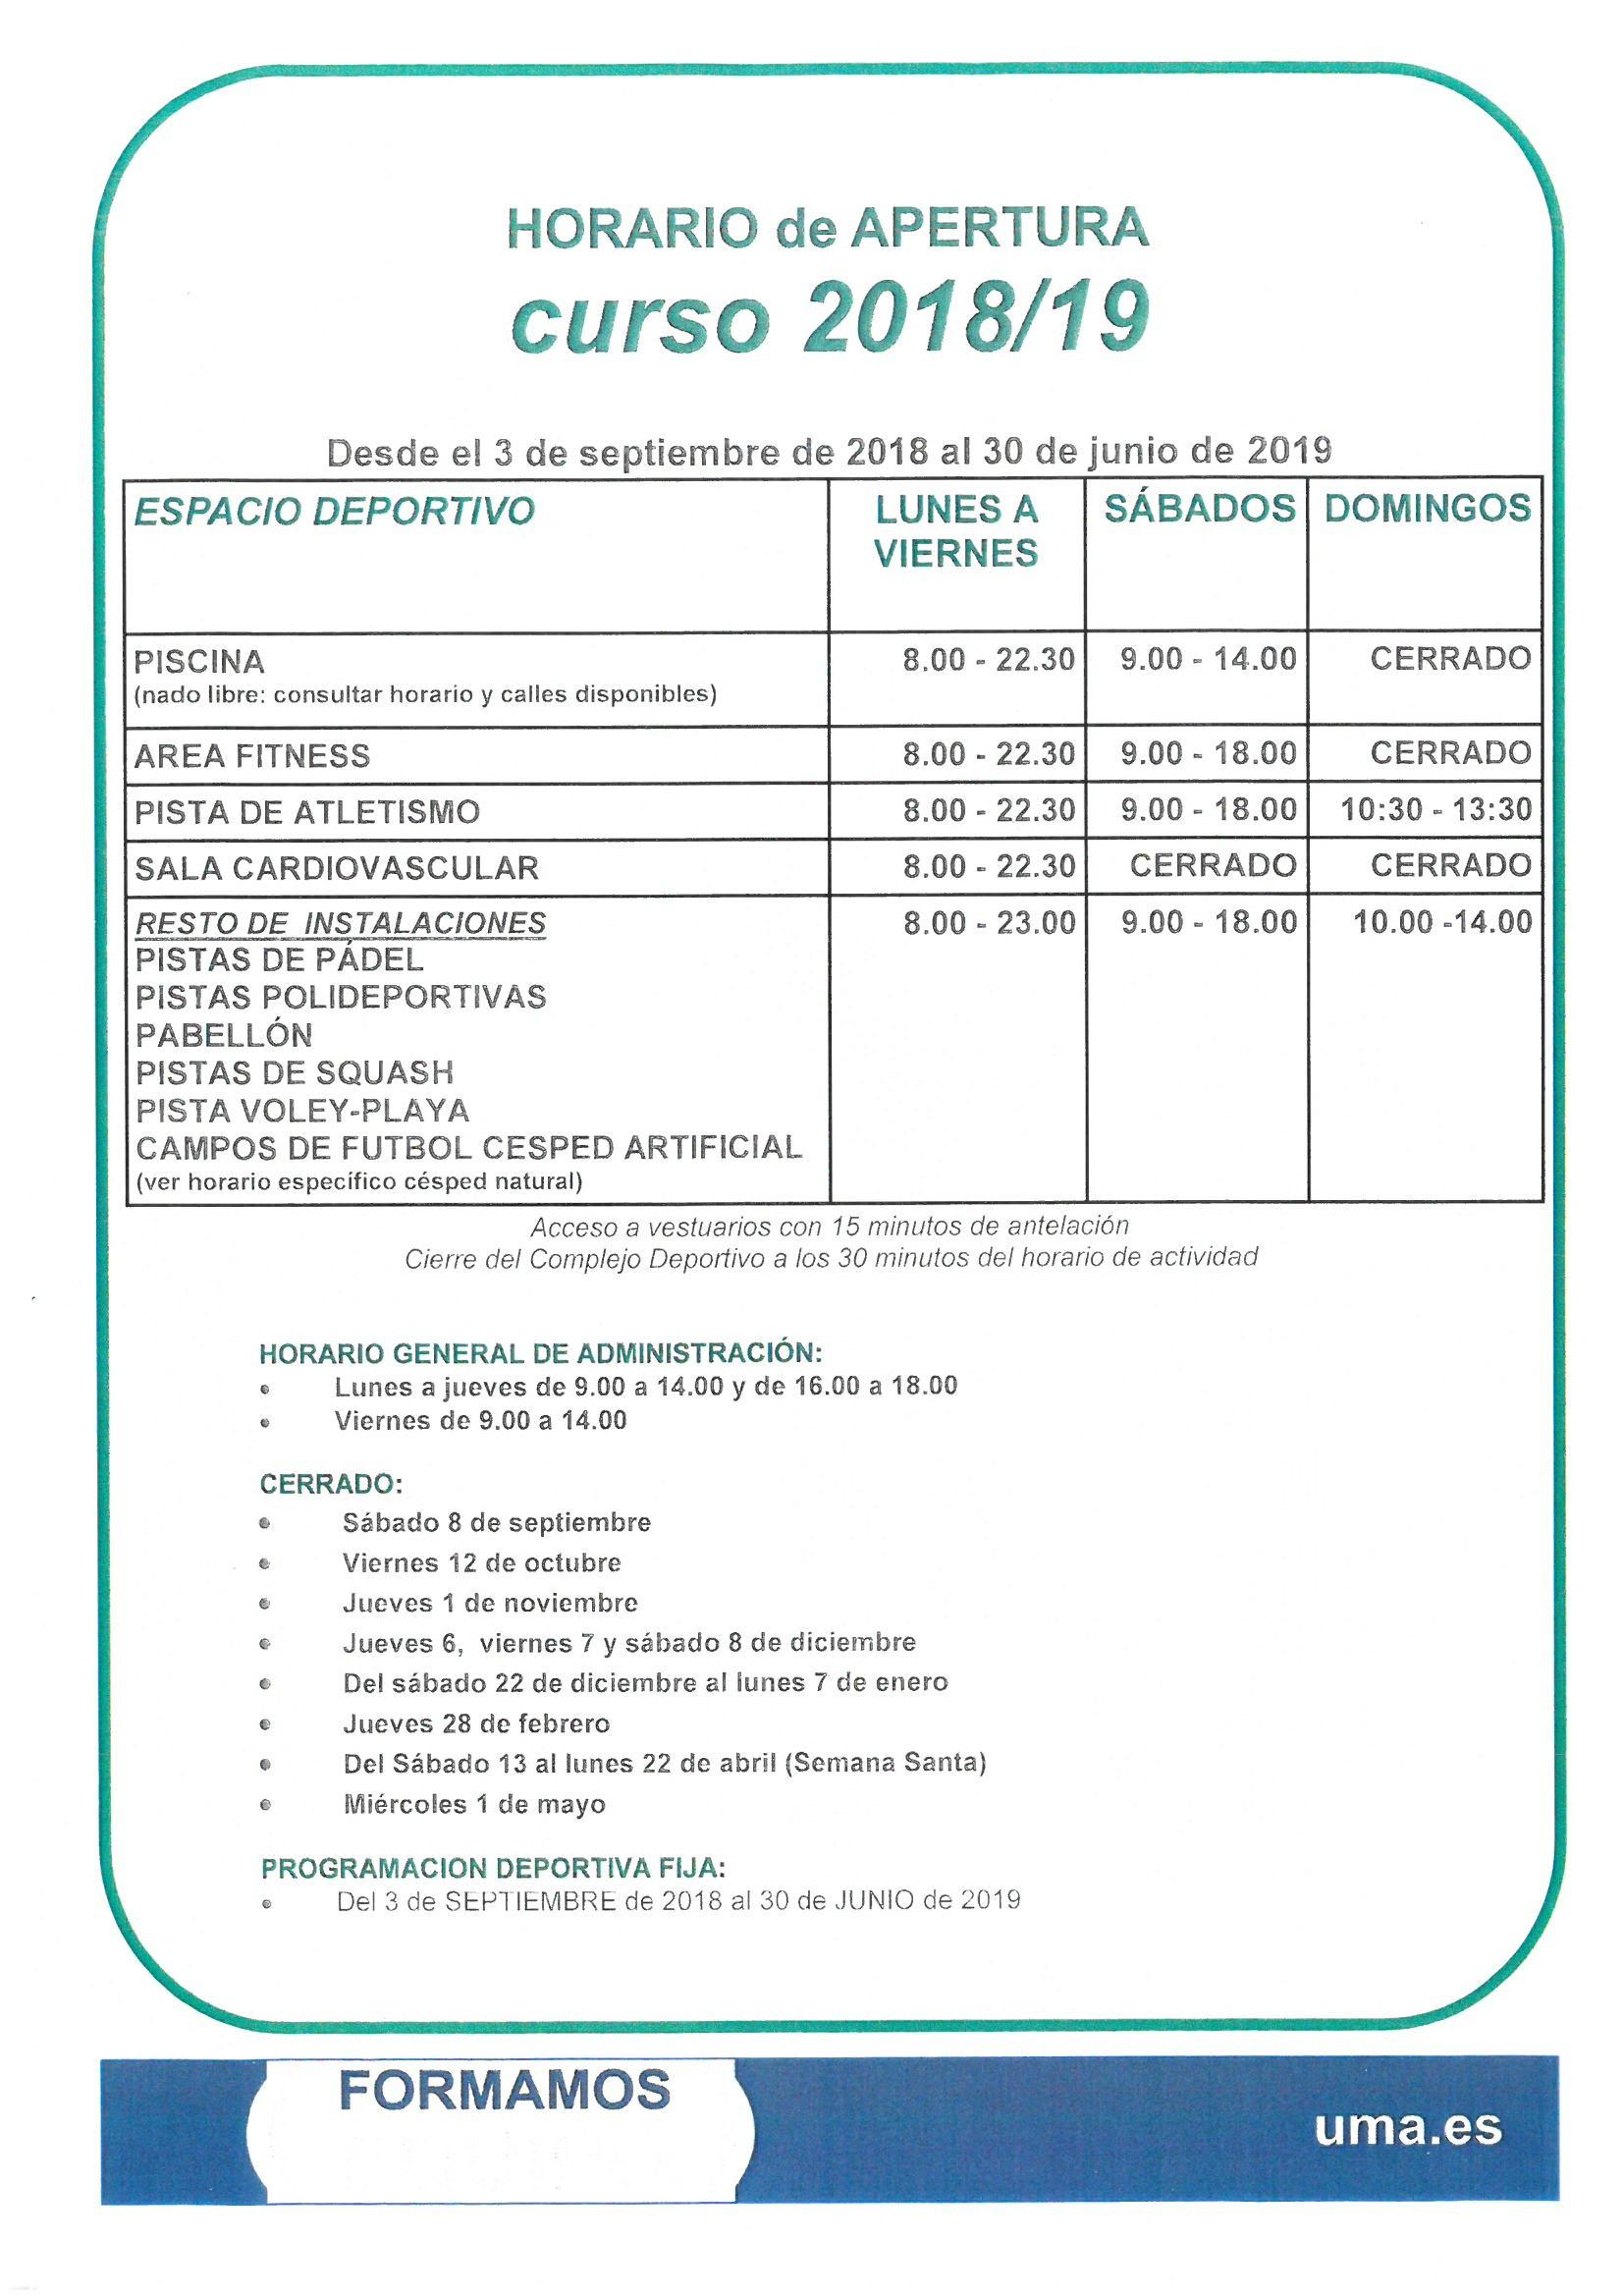 Calendario 2019 Con Festivos En andalucia Más Actual Deportes Deportes Universidad De Málaga